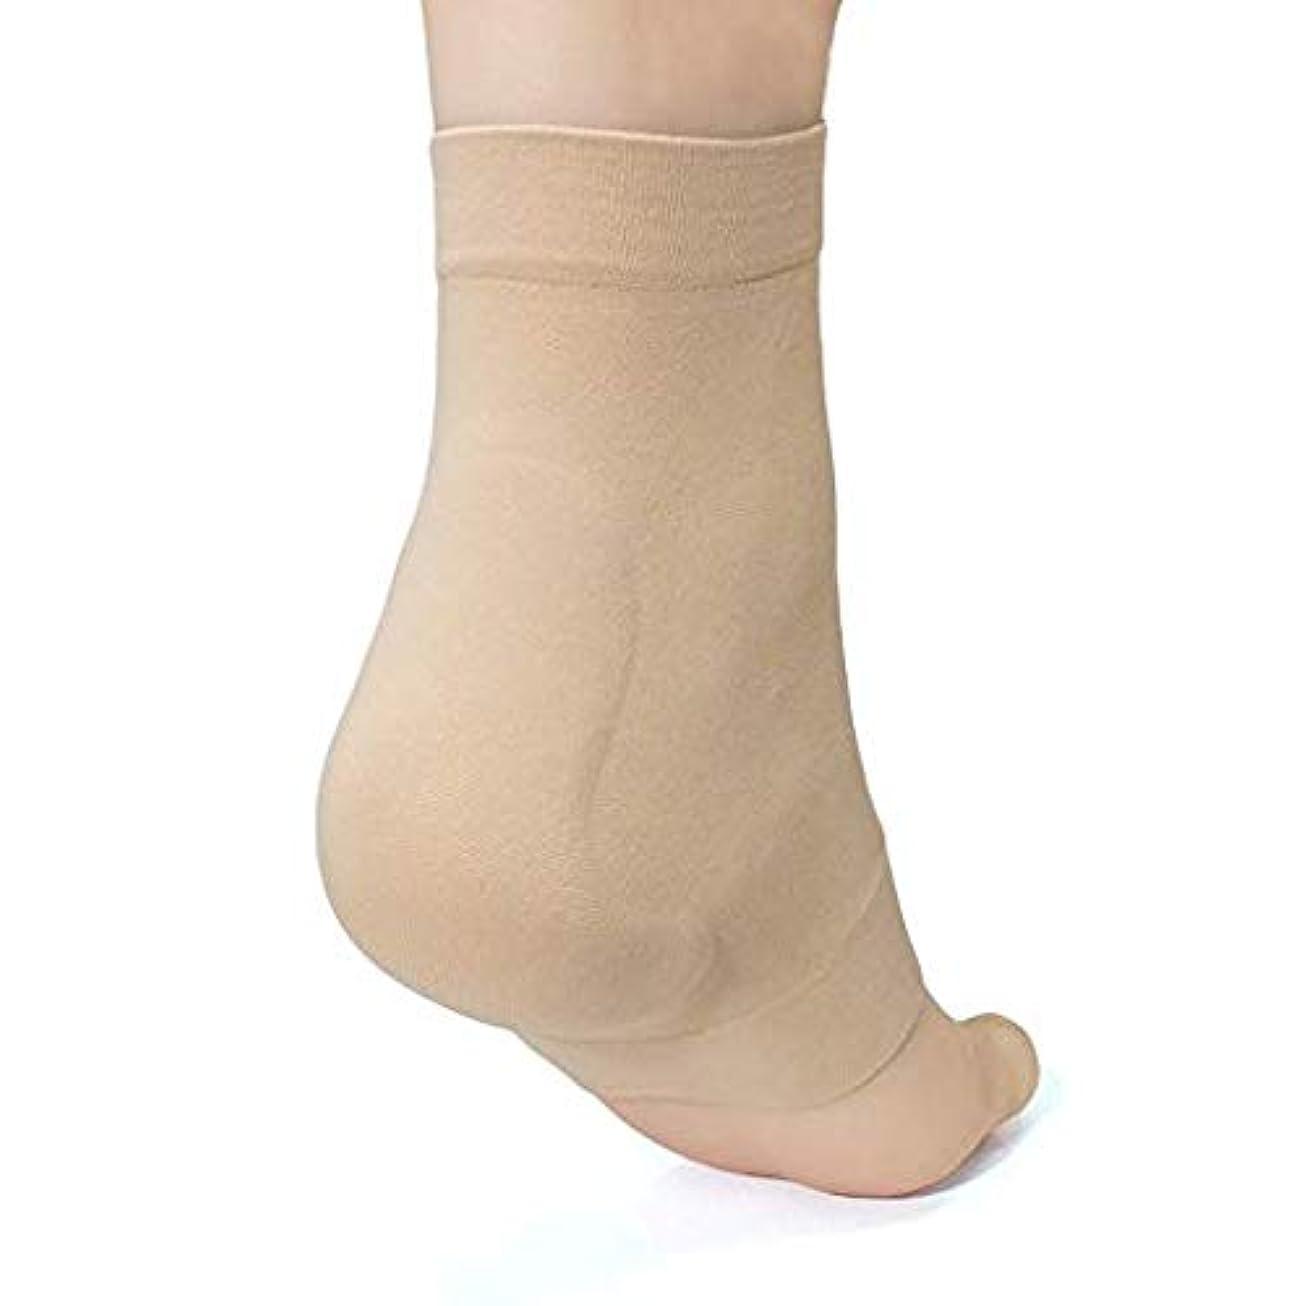 証書ますます彼女の腱ヒールプロテクター圧縮充填カフソックス滑液包炎、腱炎、ソフト-2ペア